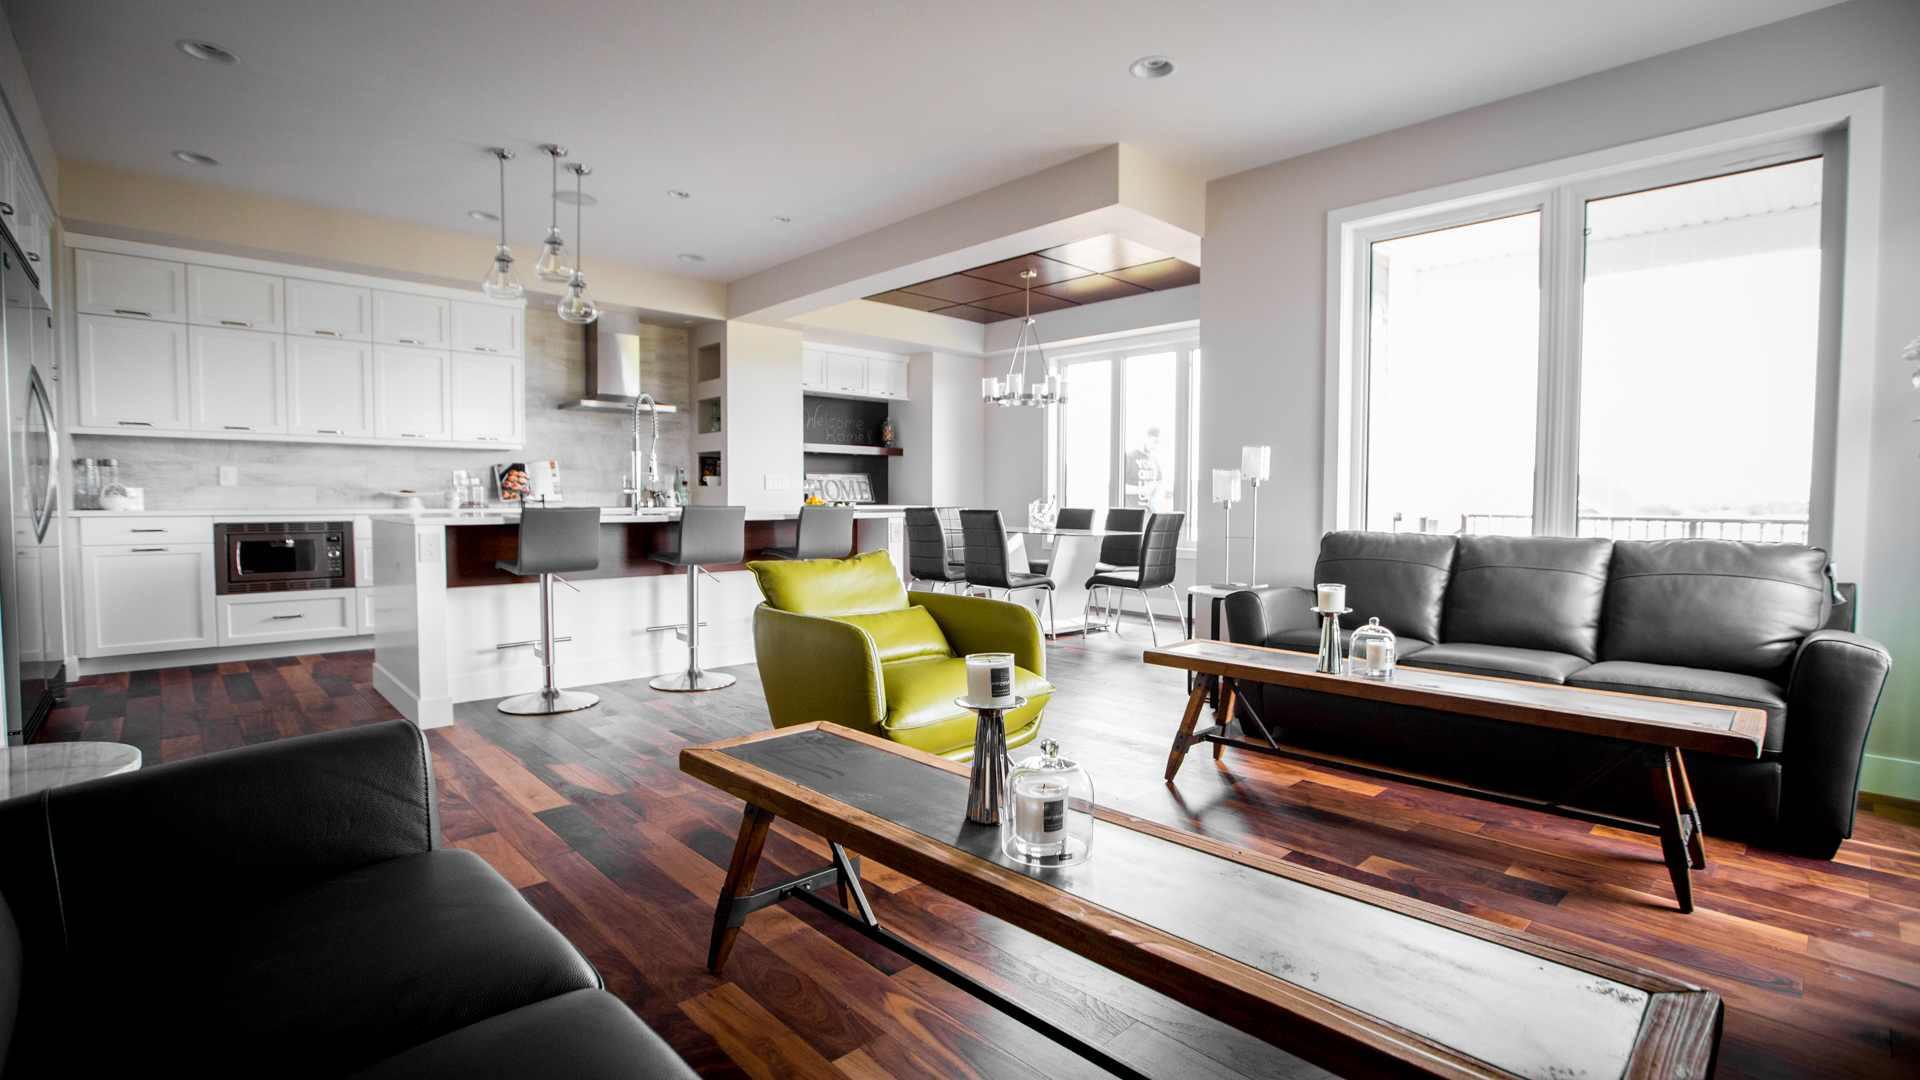 White & Walnut Modern Craftsman Kitchen By Lexis Homes